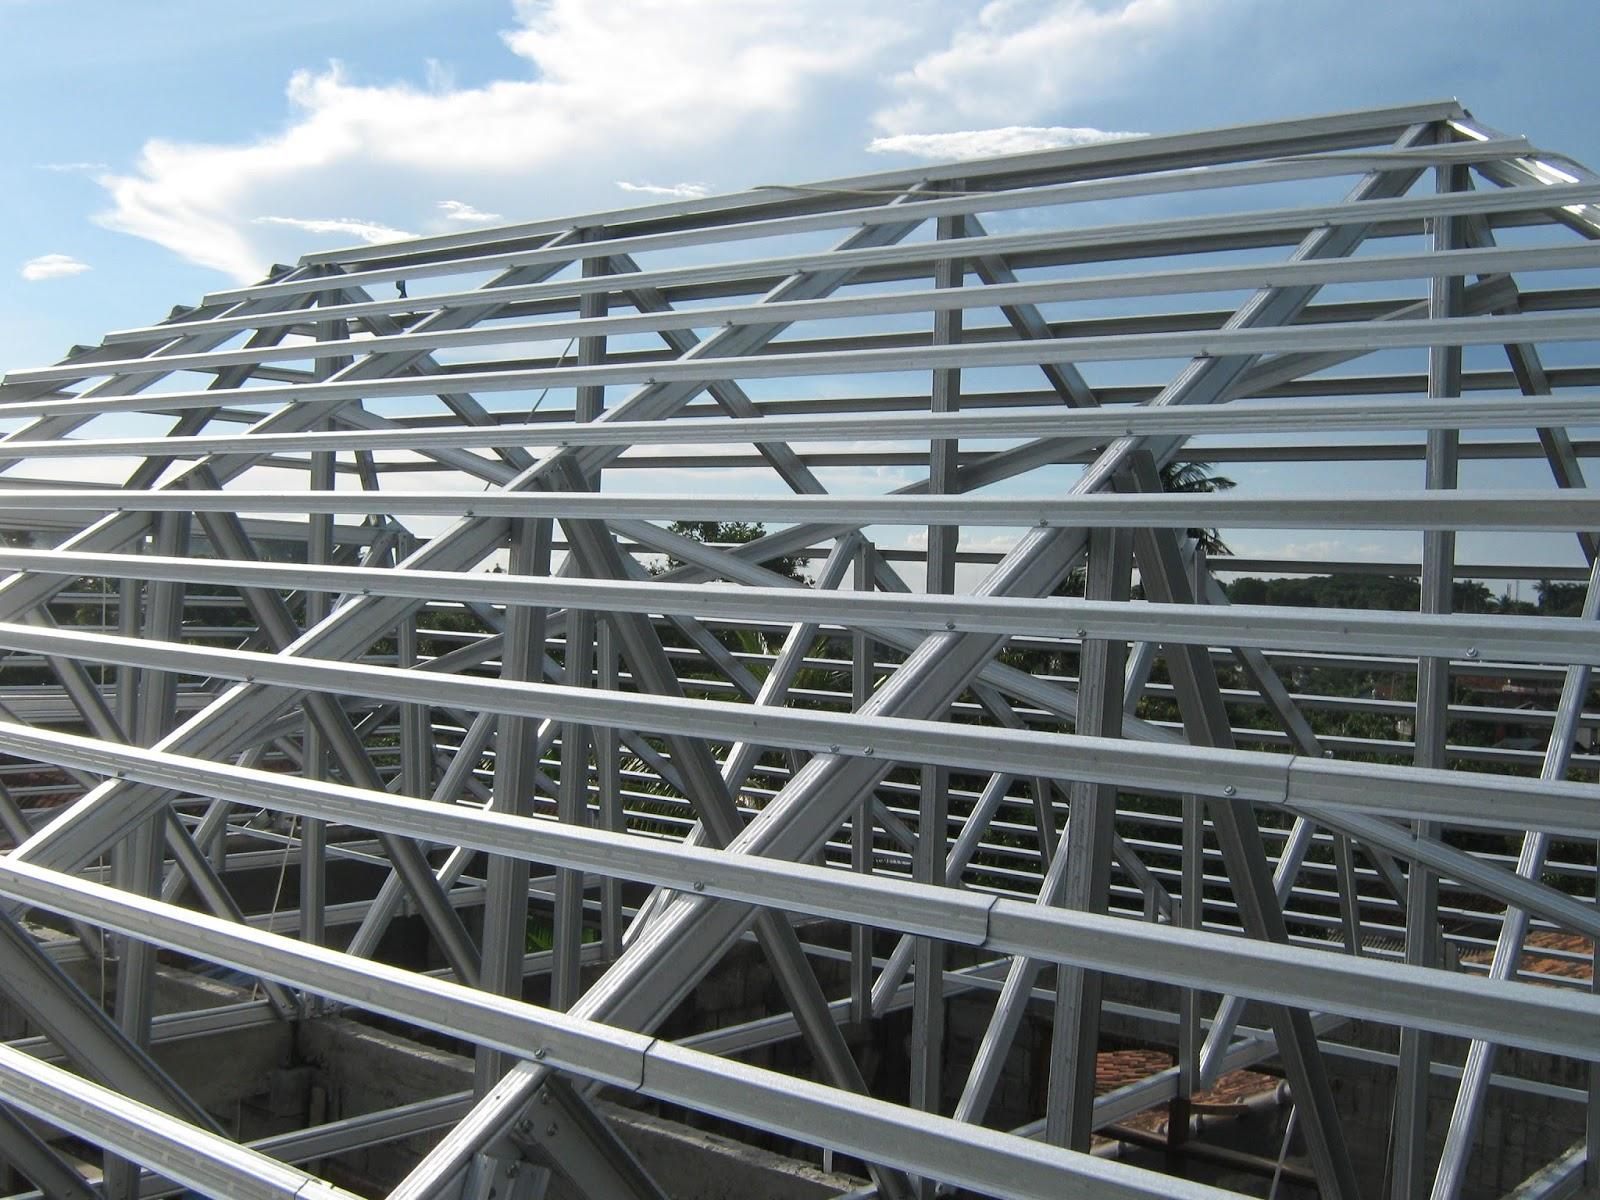 rangka atap baja ringan yang paling bagus metode pemasangan spandek